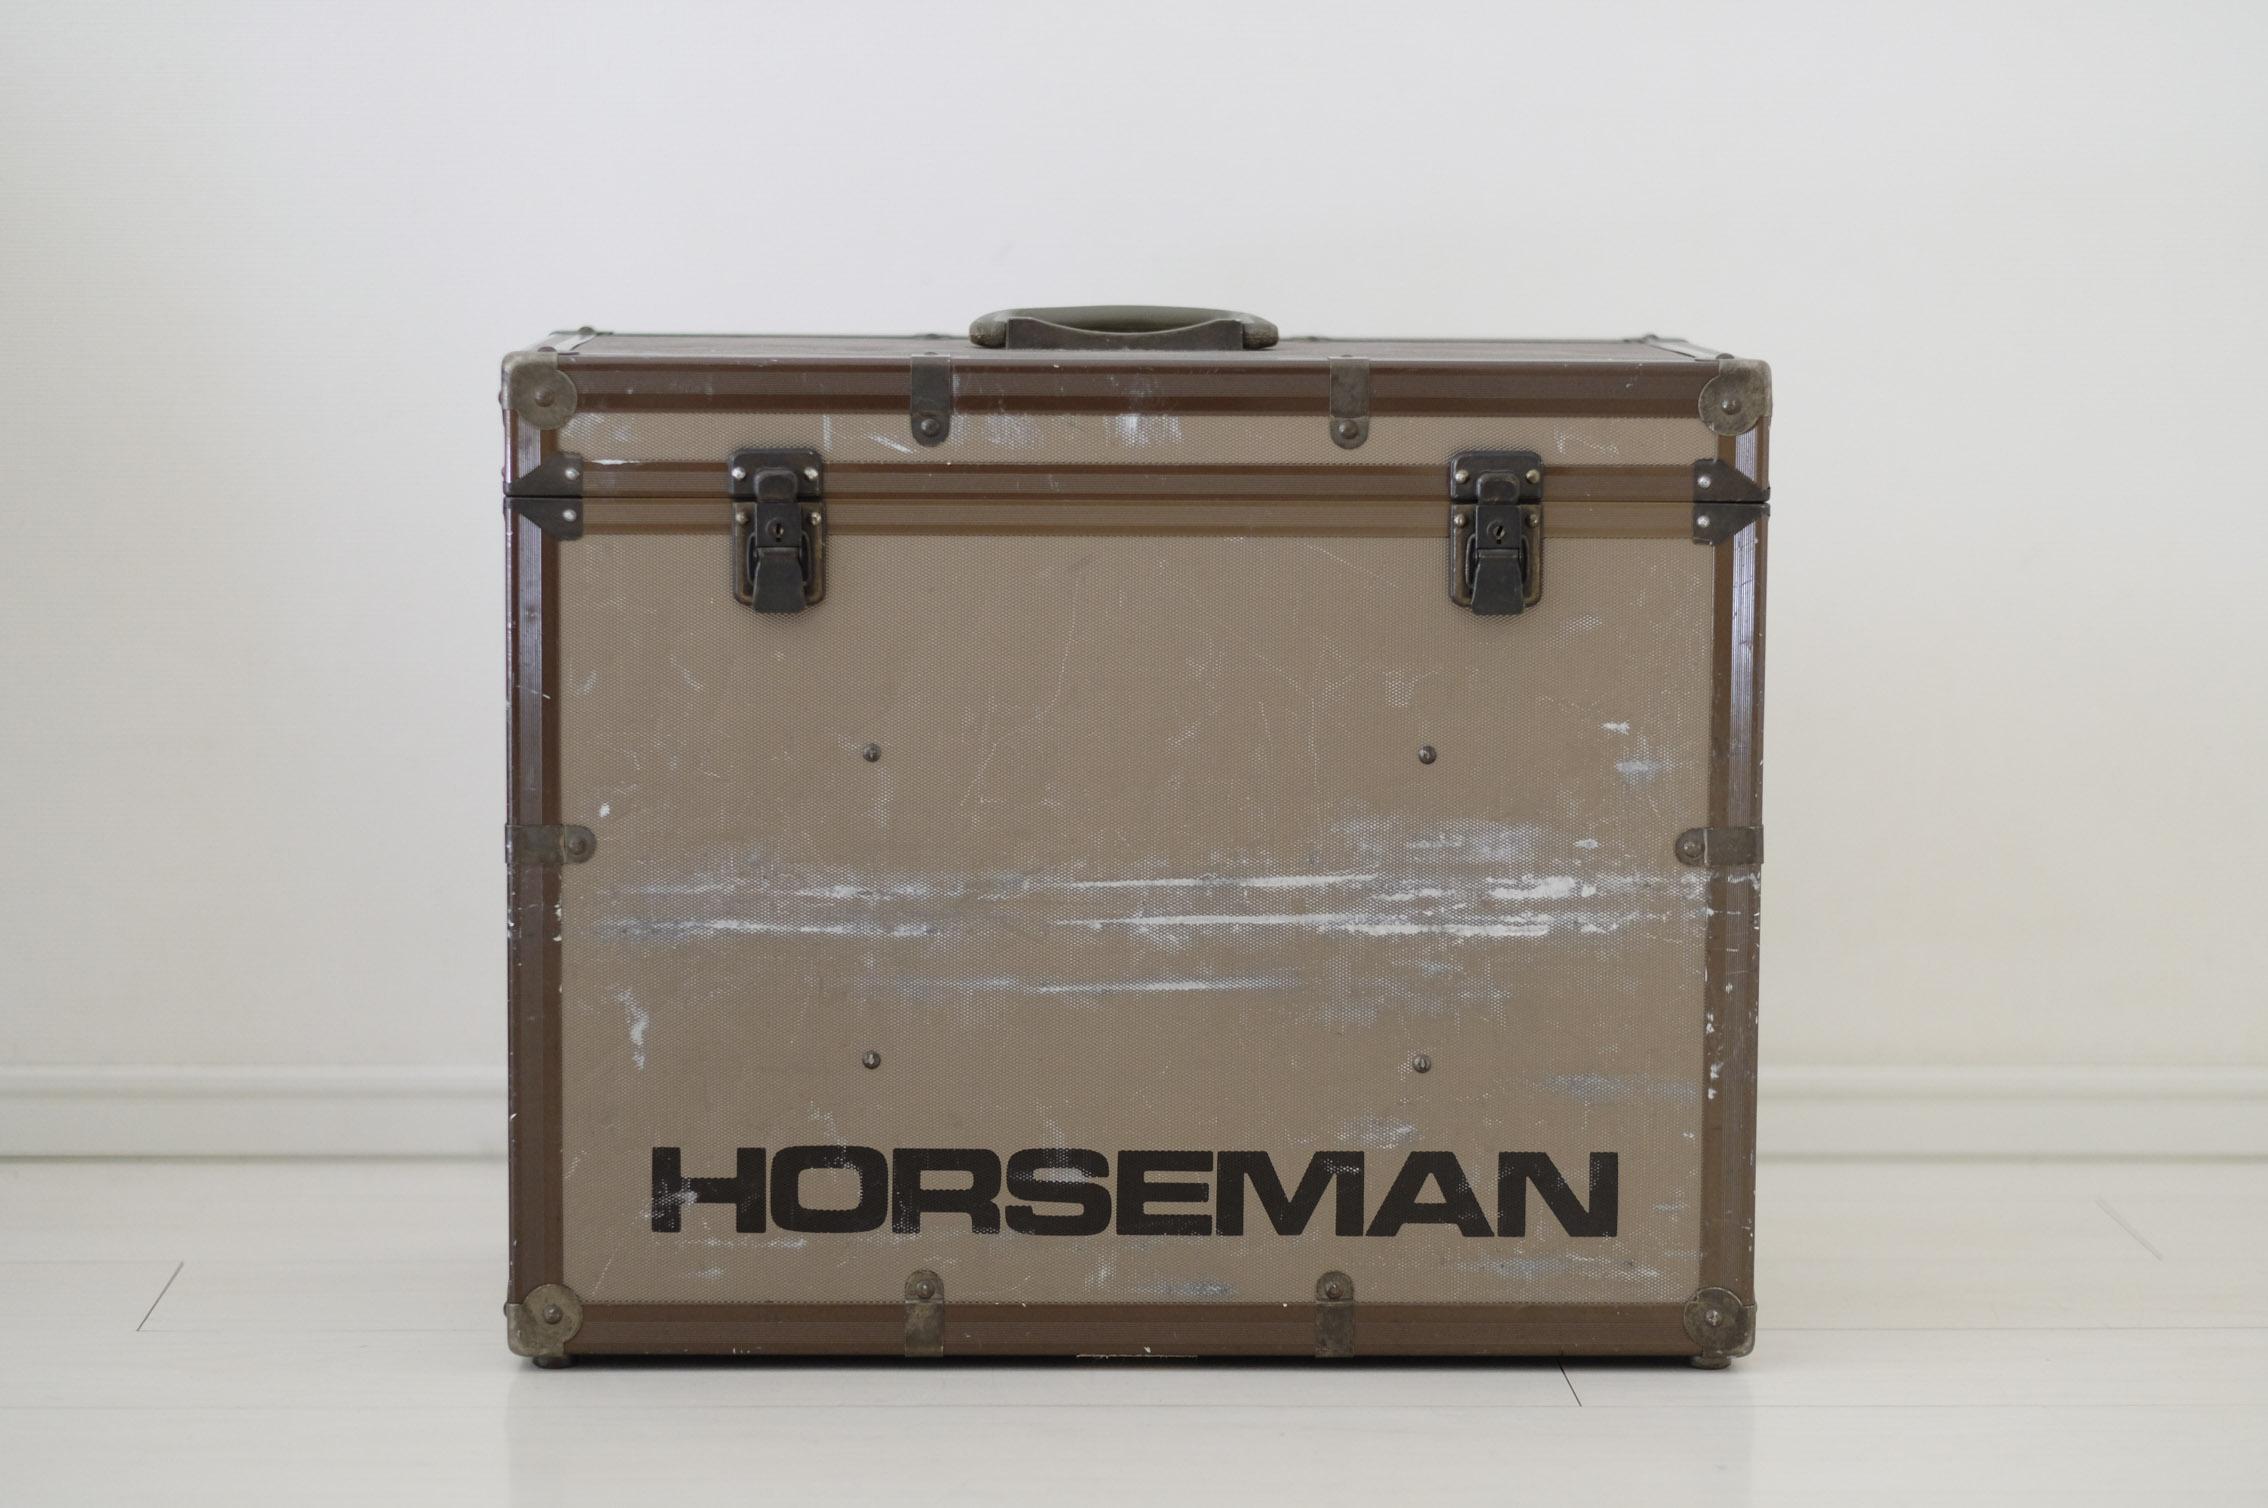 hoseman